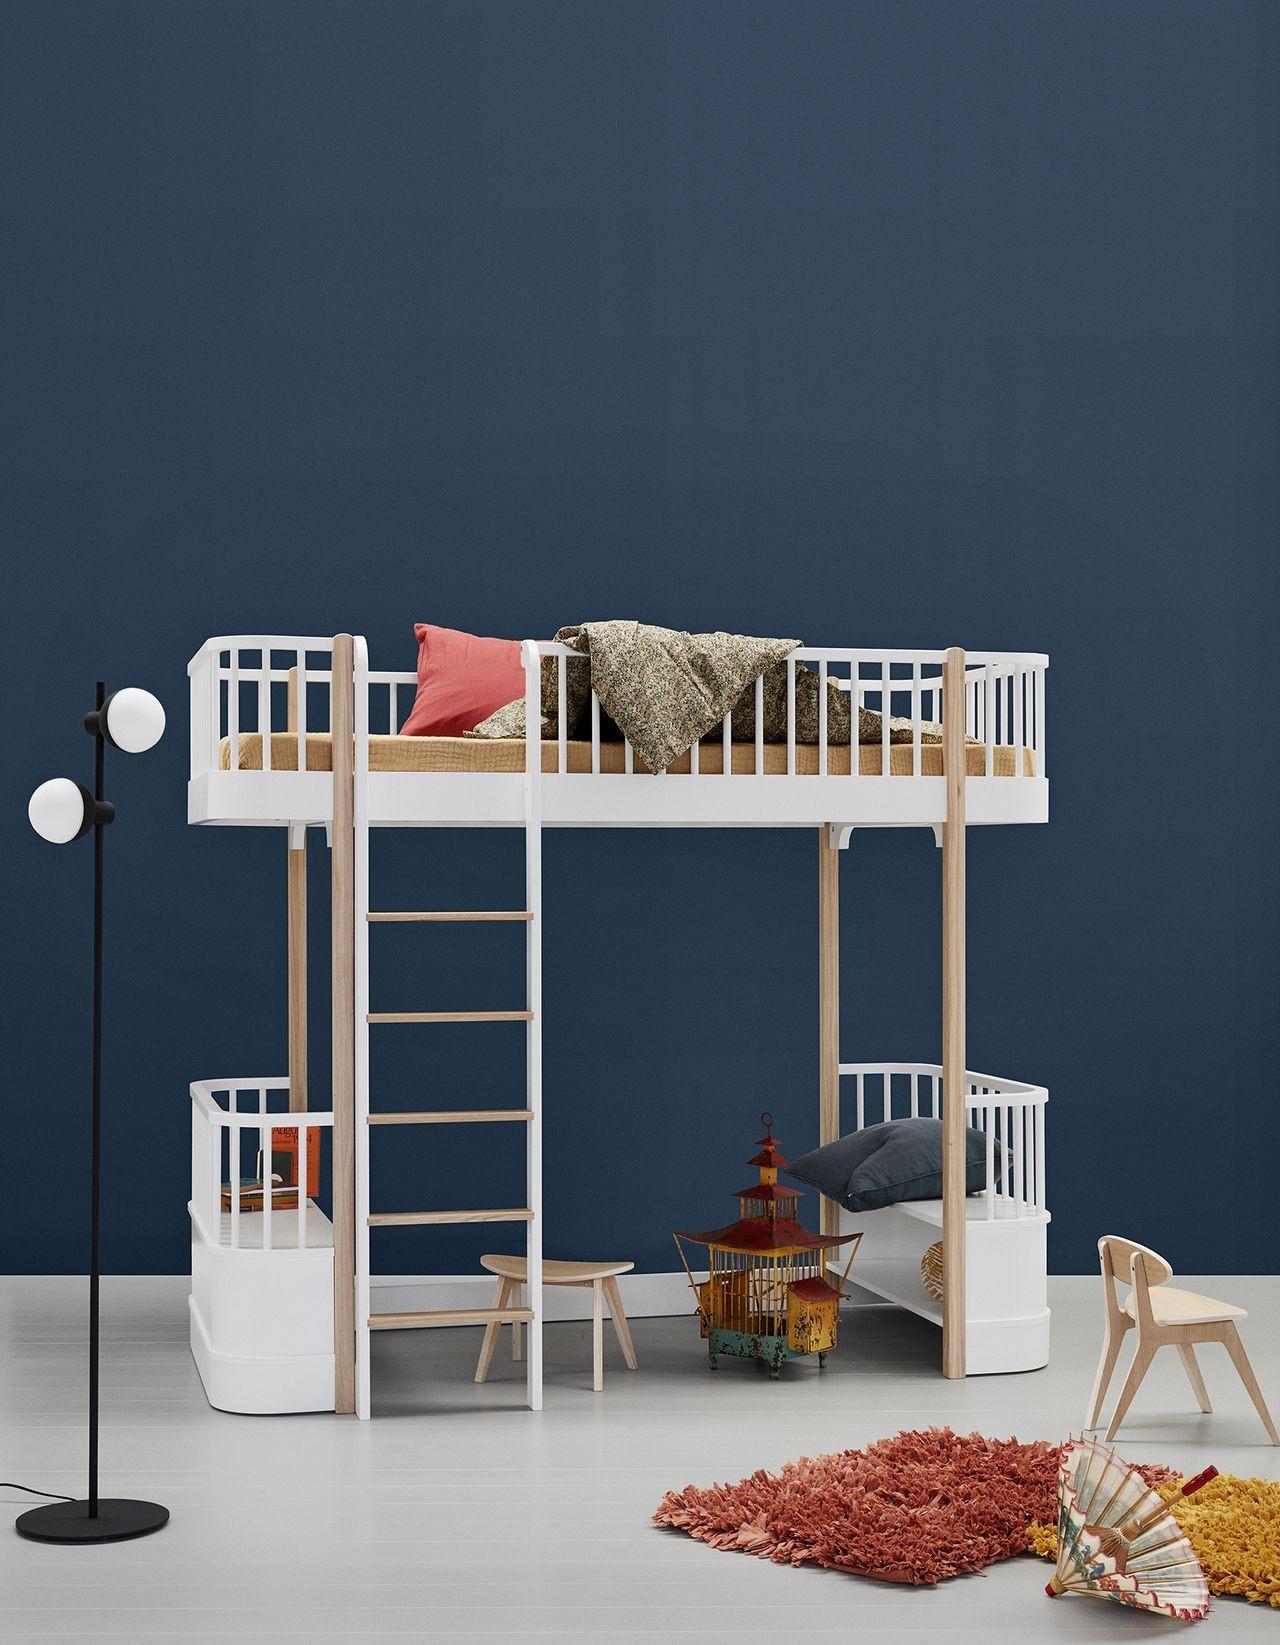 Kinderzimmermöbel Hochbett kaufen - Kleine Fabriek